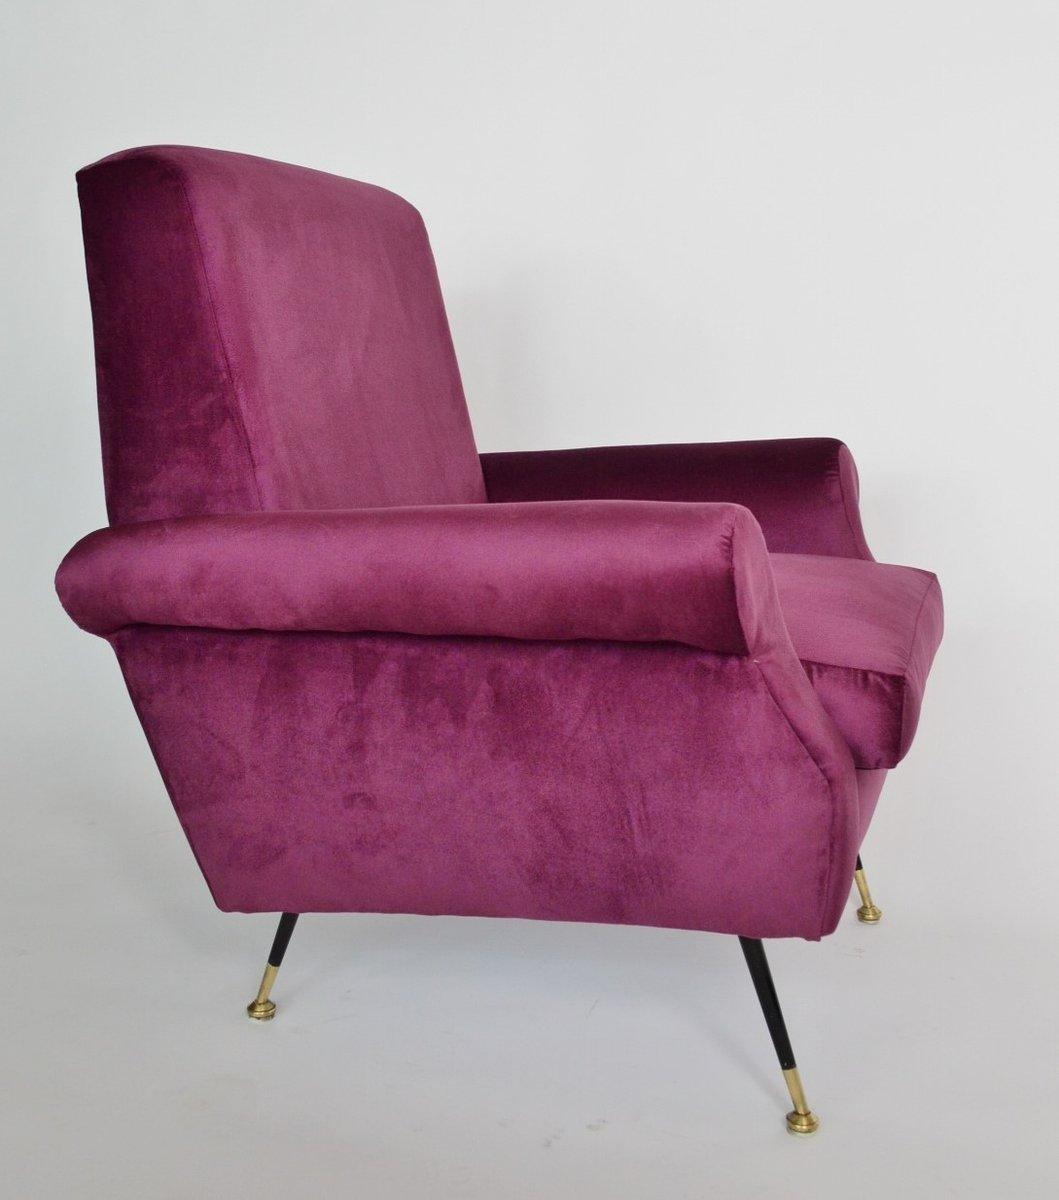 Sessel Samt Gold Stuhl Franzsisch Perfect Sessel Stuhl Franzsisch